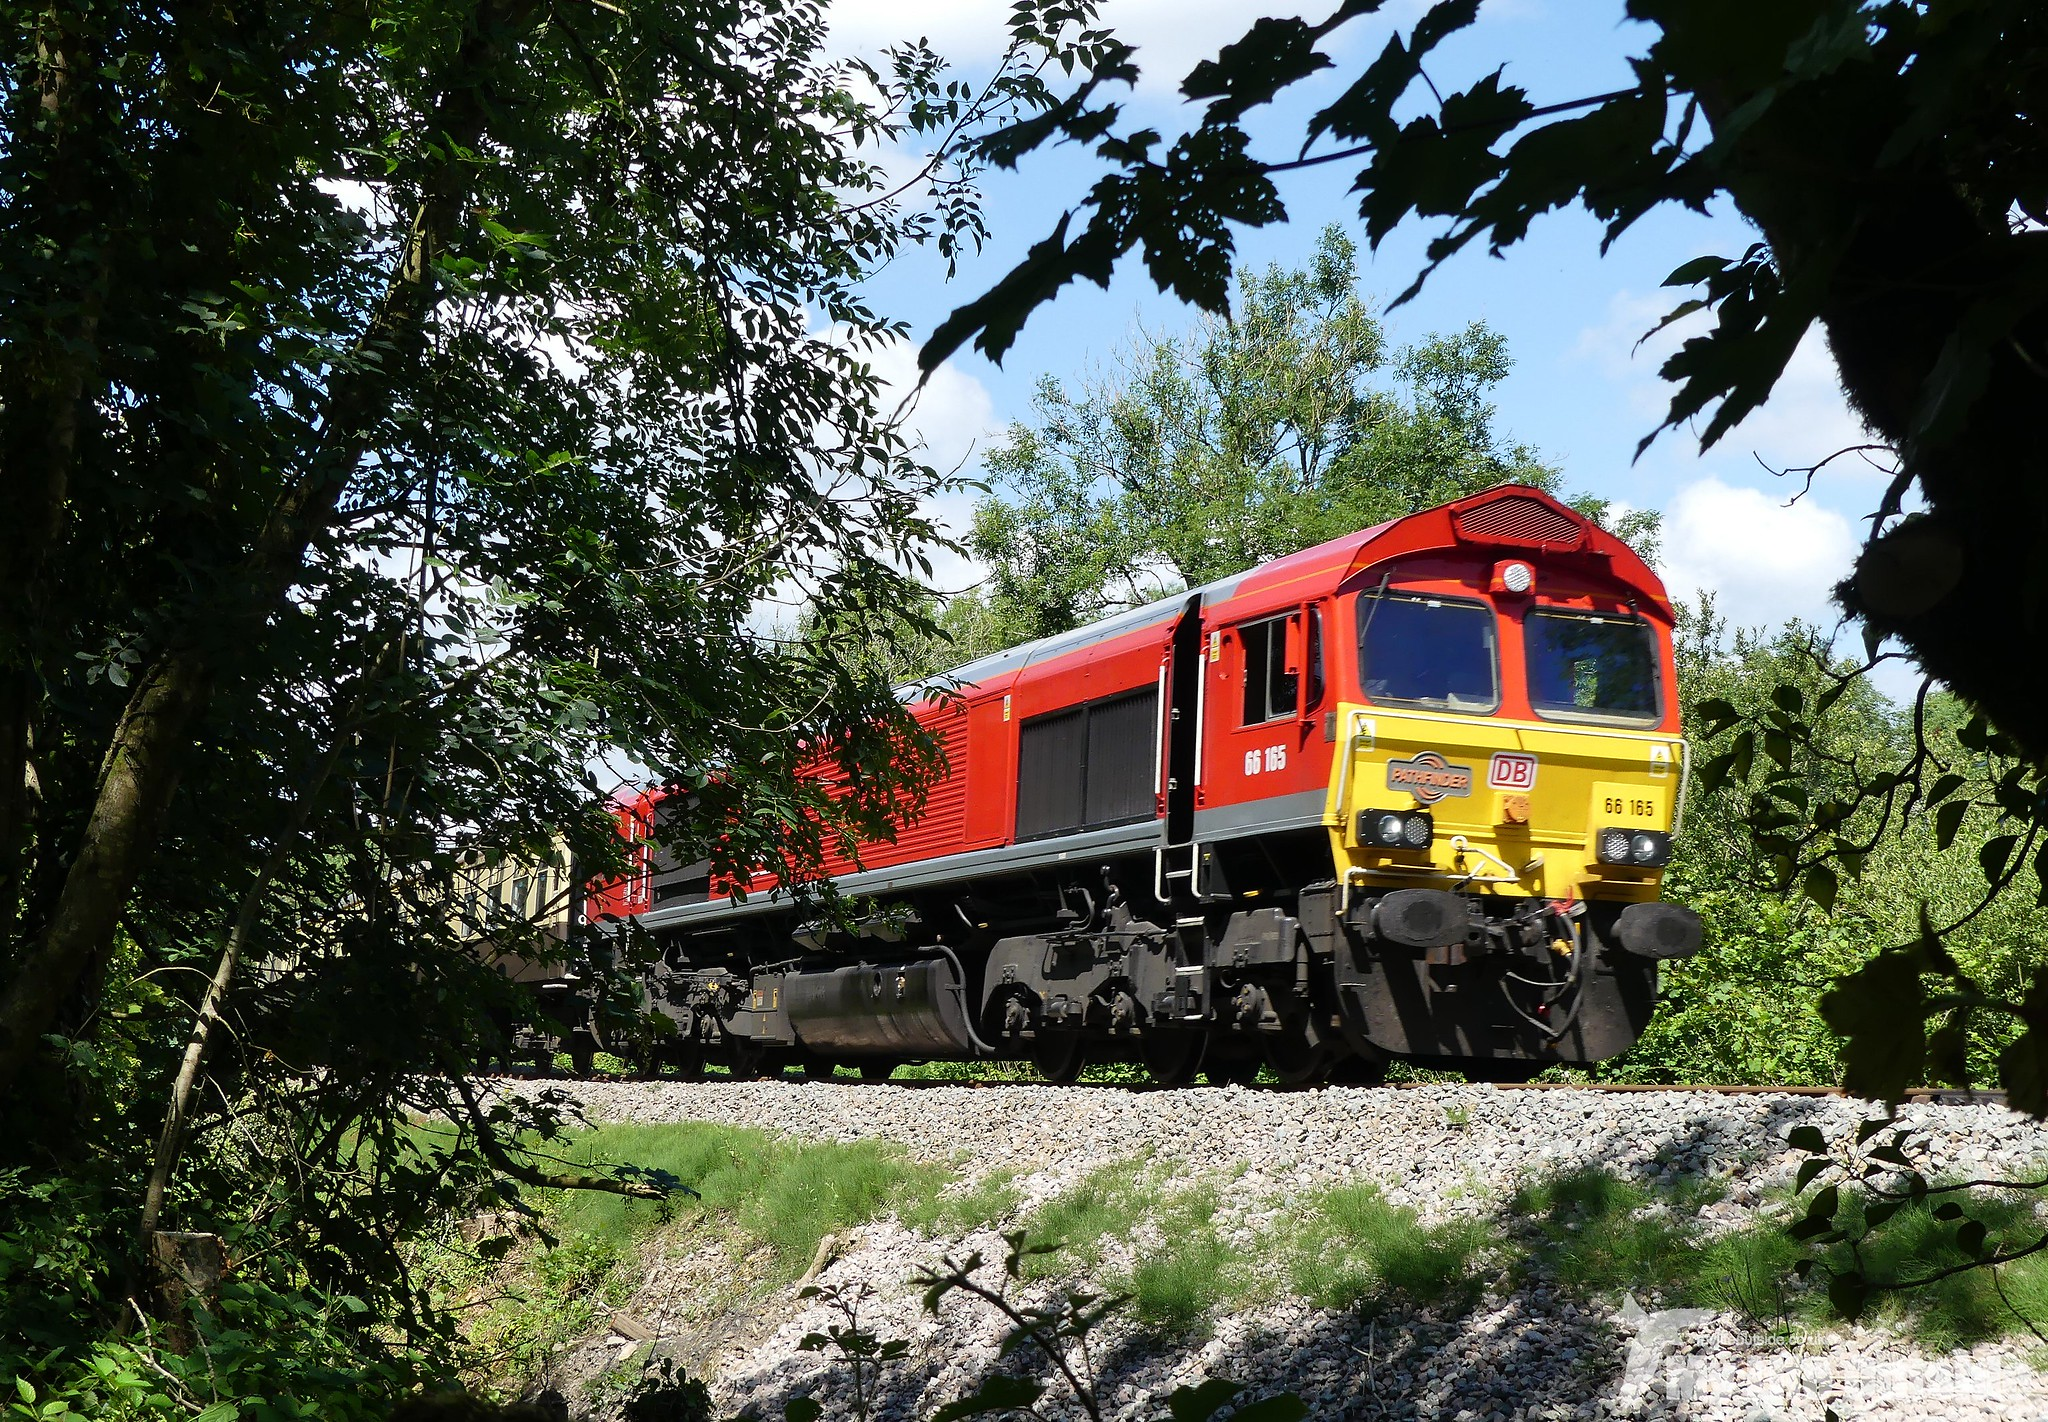 P1210240 - Pembroke Coast Express